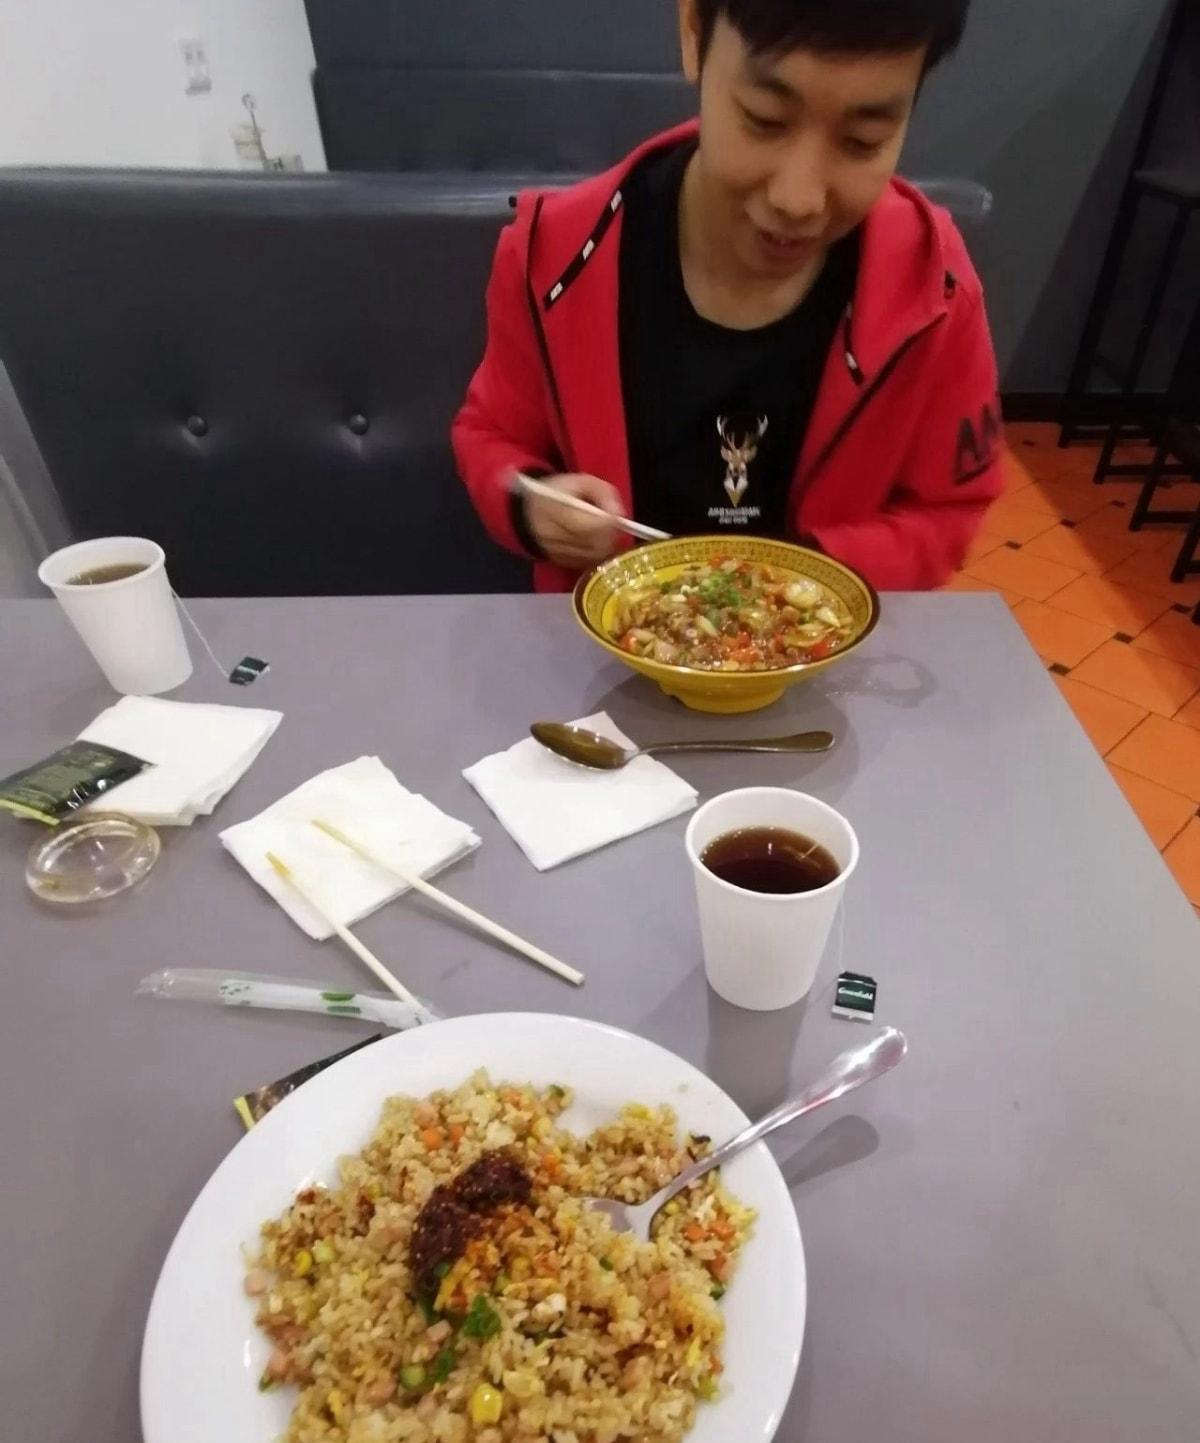 第一顿饭先吃一顿熊猫餐厅的中餐 俄餐